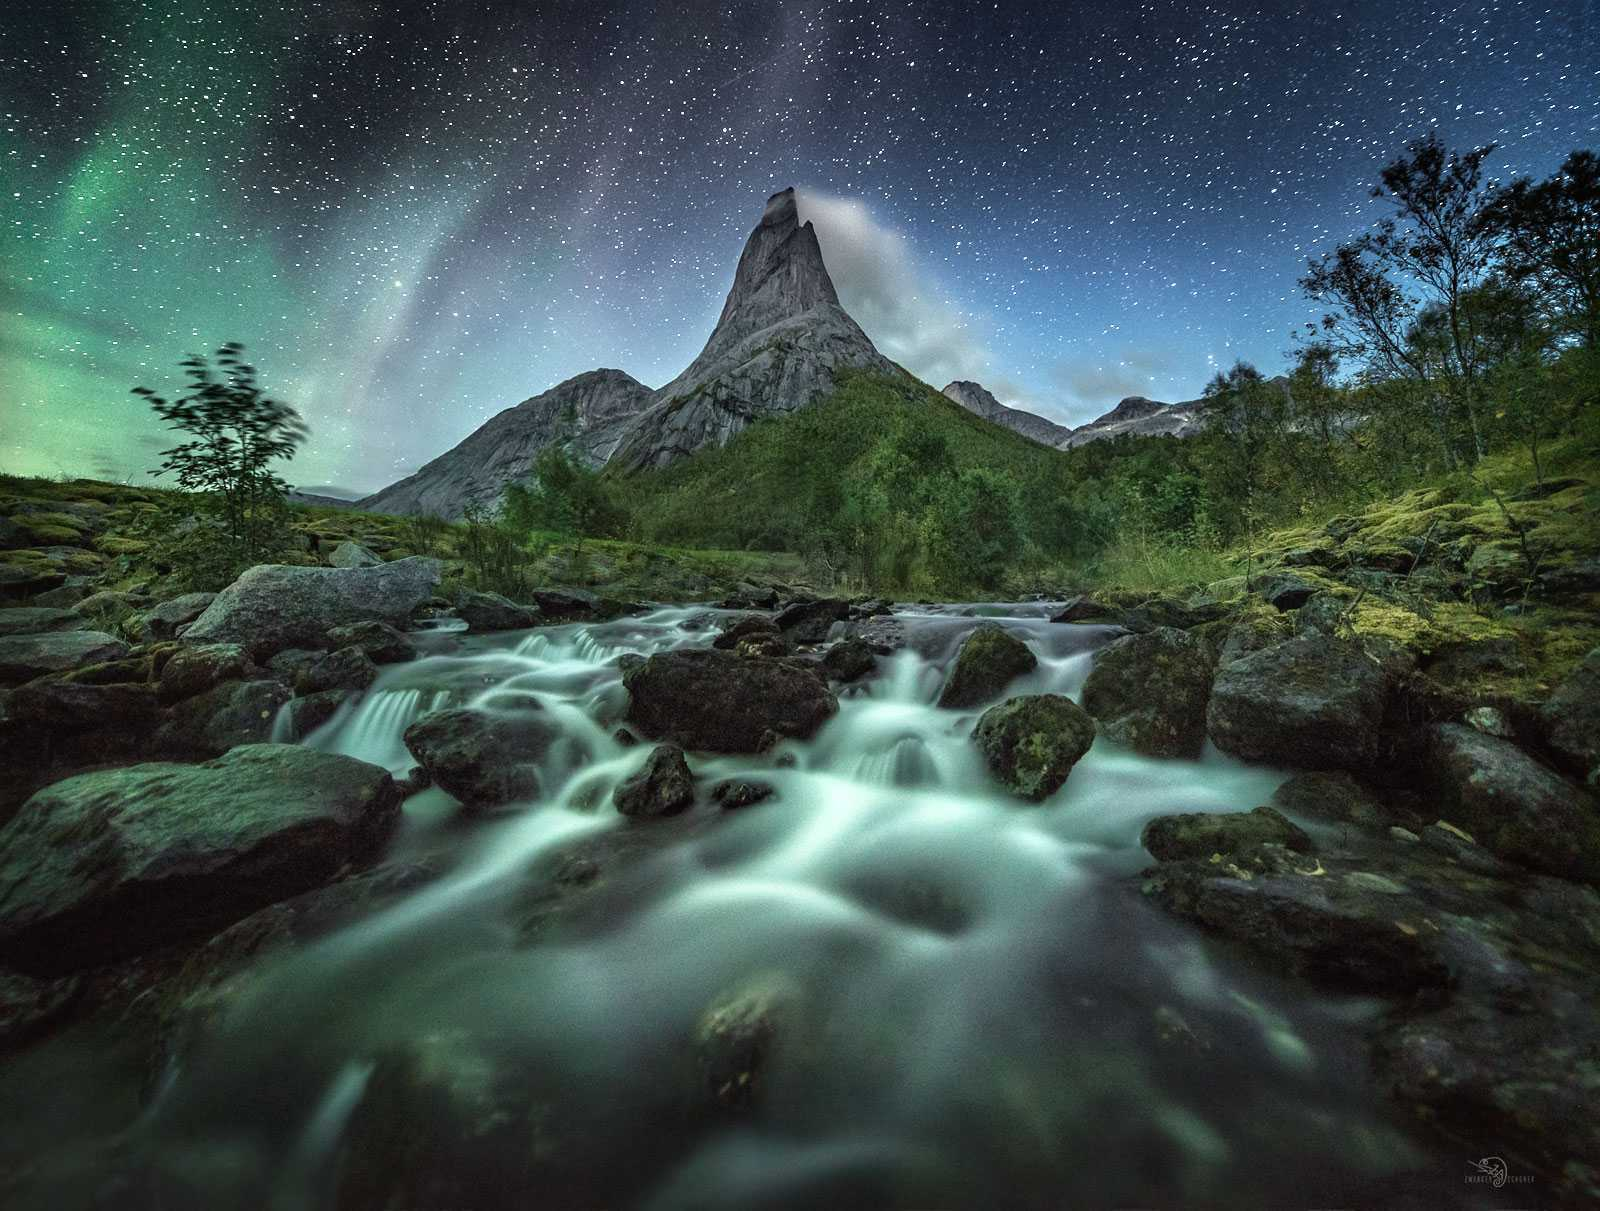 Der Stetind ist ein 1.392 m hoher Berg am Tysfjord in Nord-Norwegen.